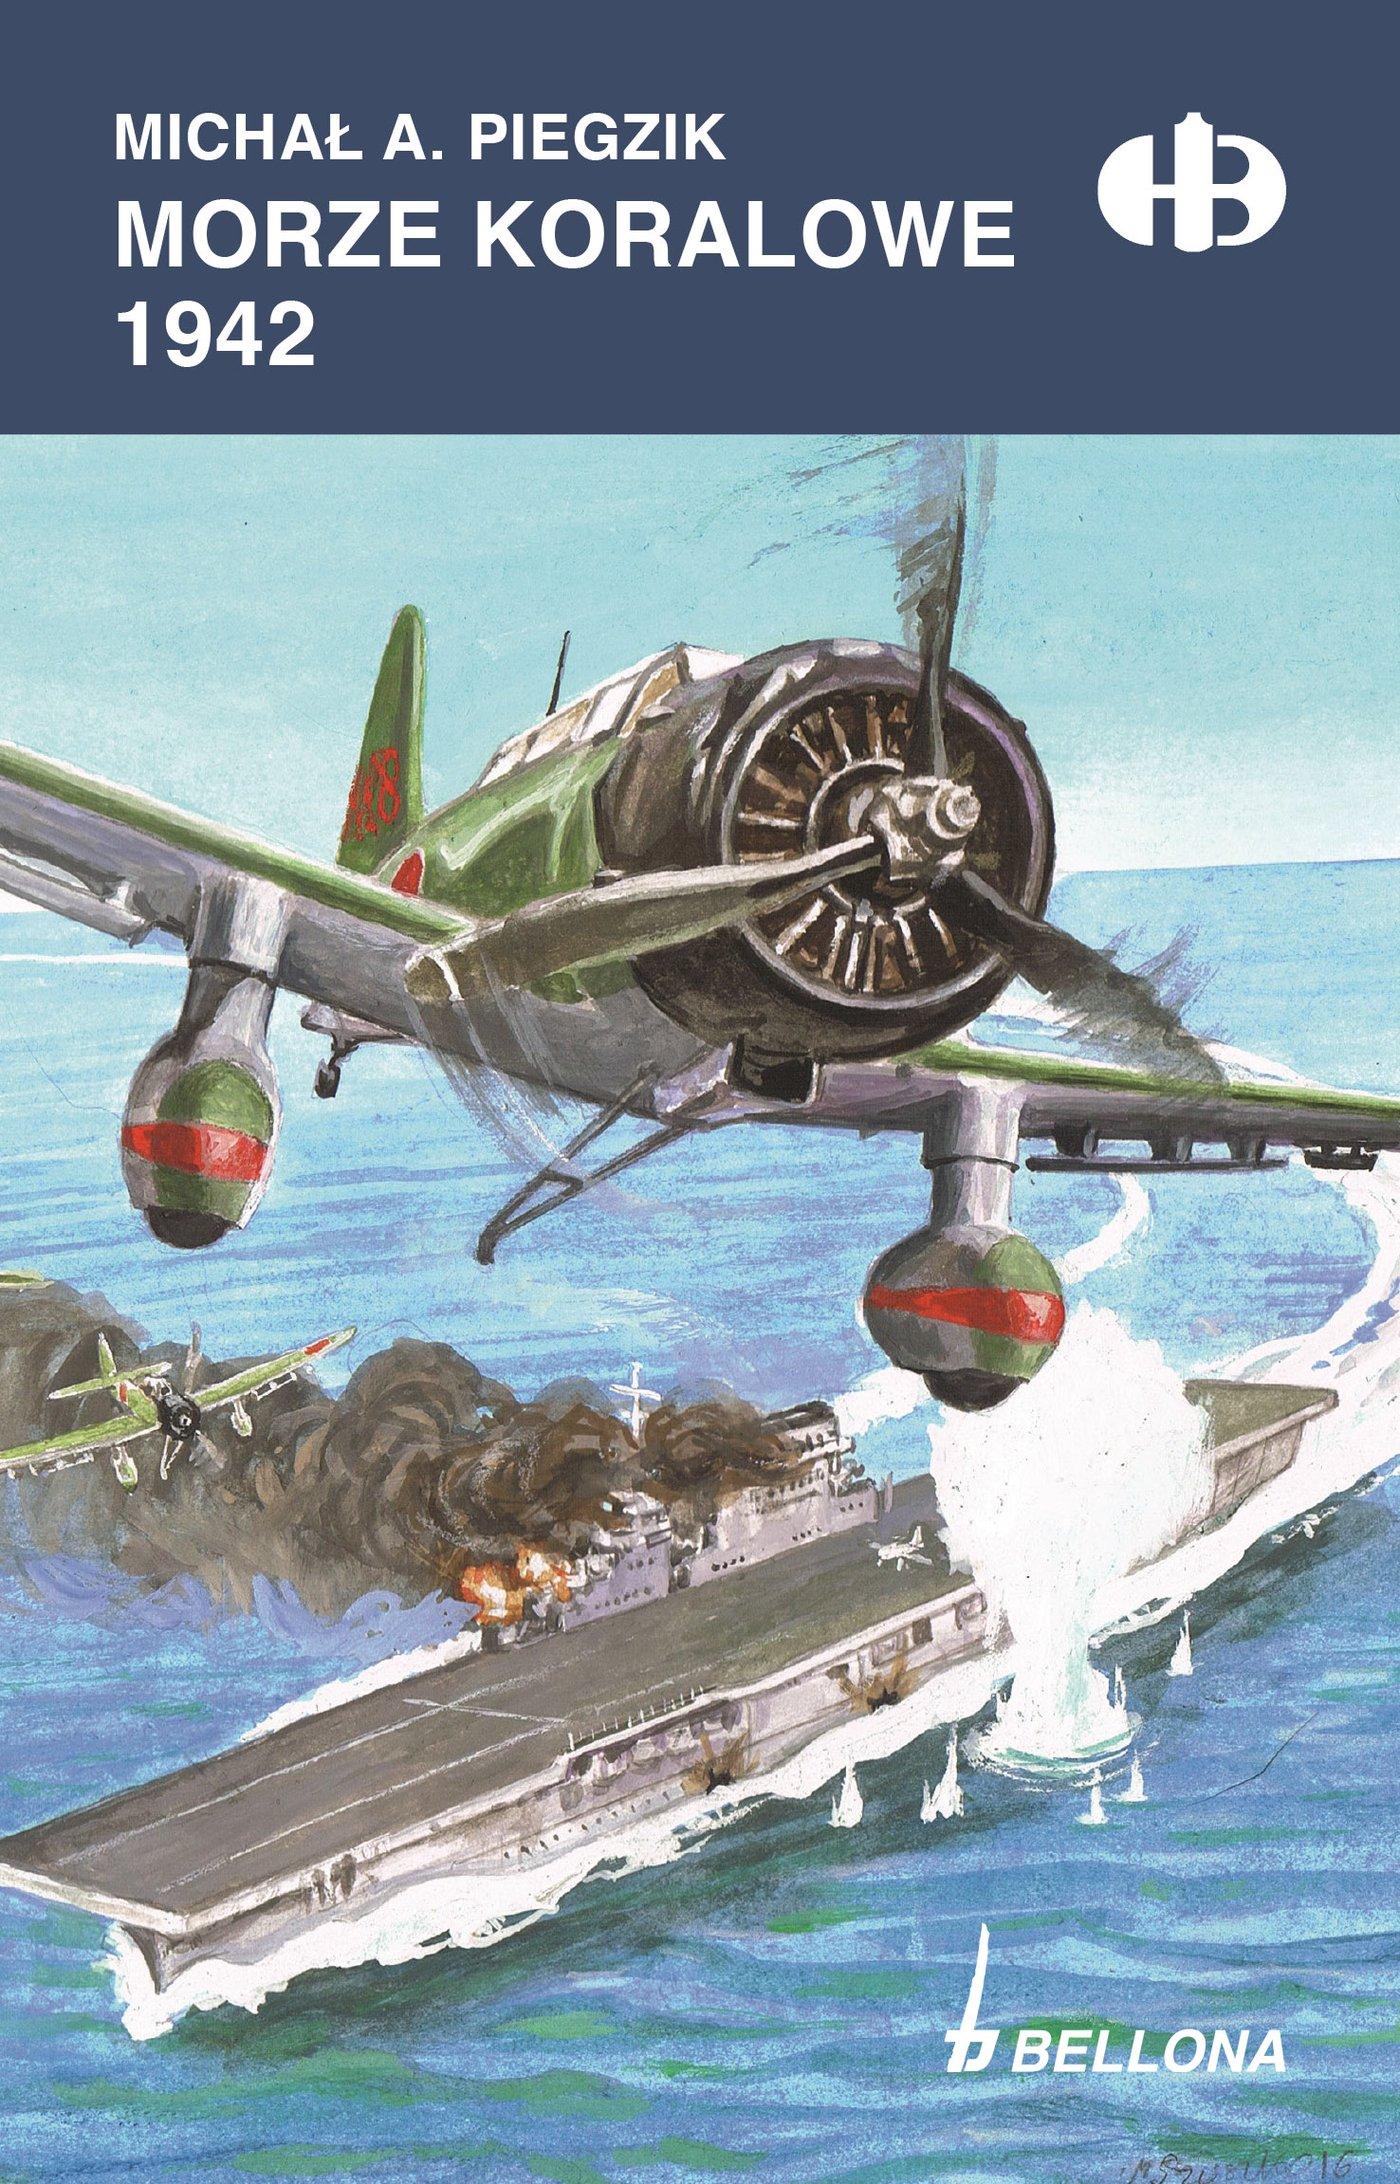 Morze Koralowe 1942 - Ebook (Książka EPUB) do pobrania w formacie EPUB